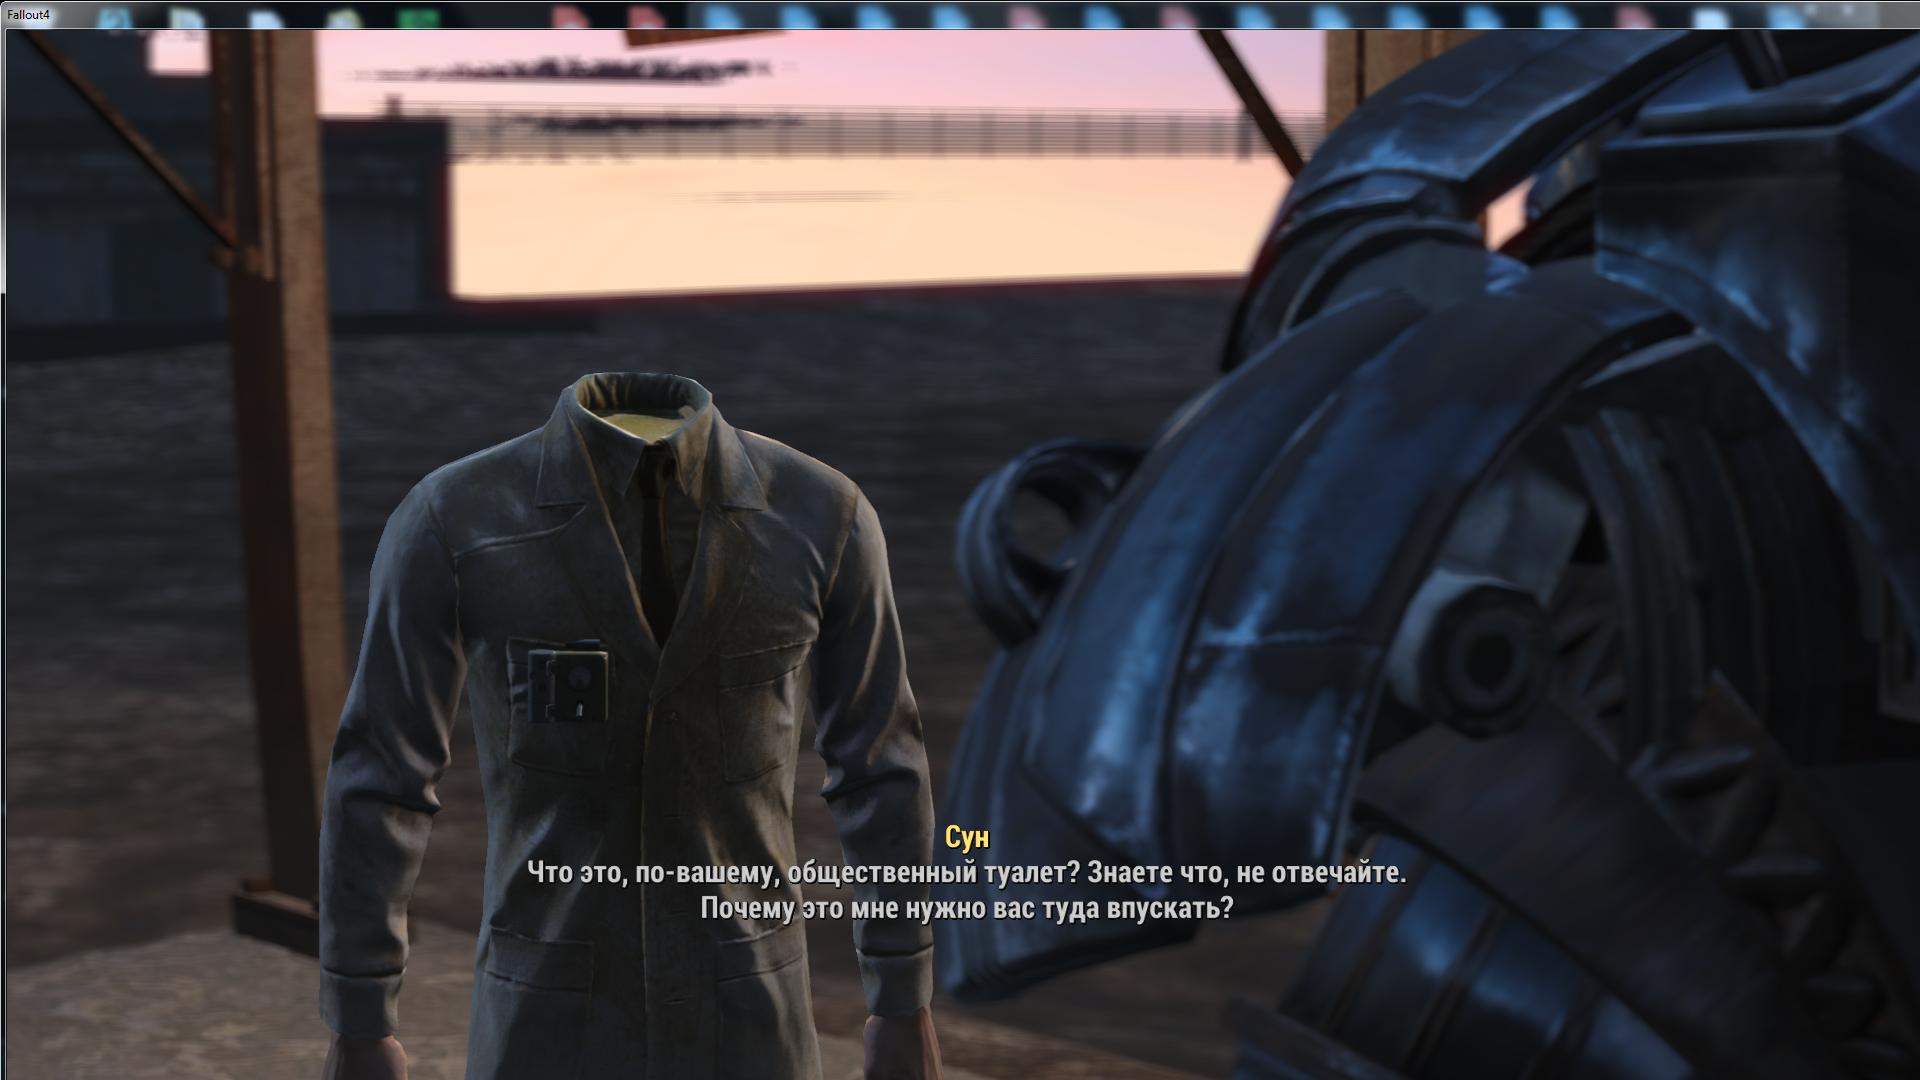 Даймонд-сити ...всё пропало. - Fallout 4